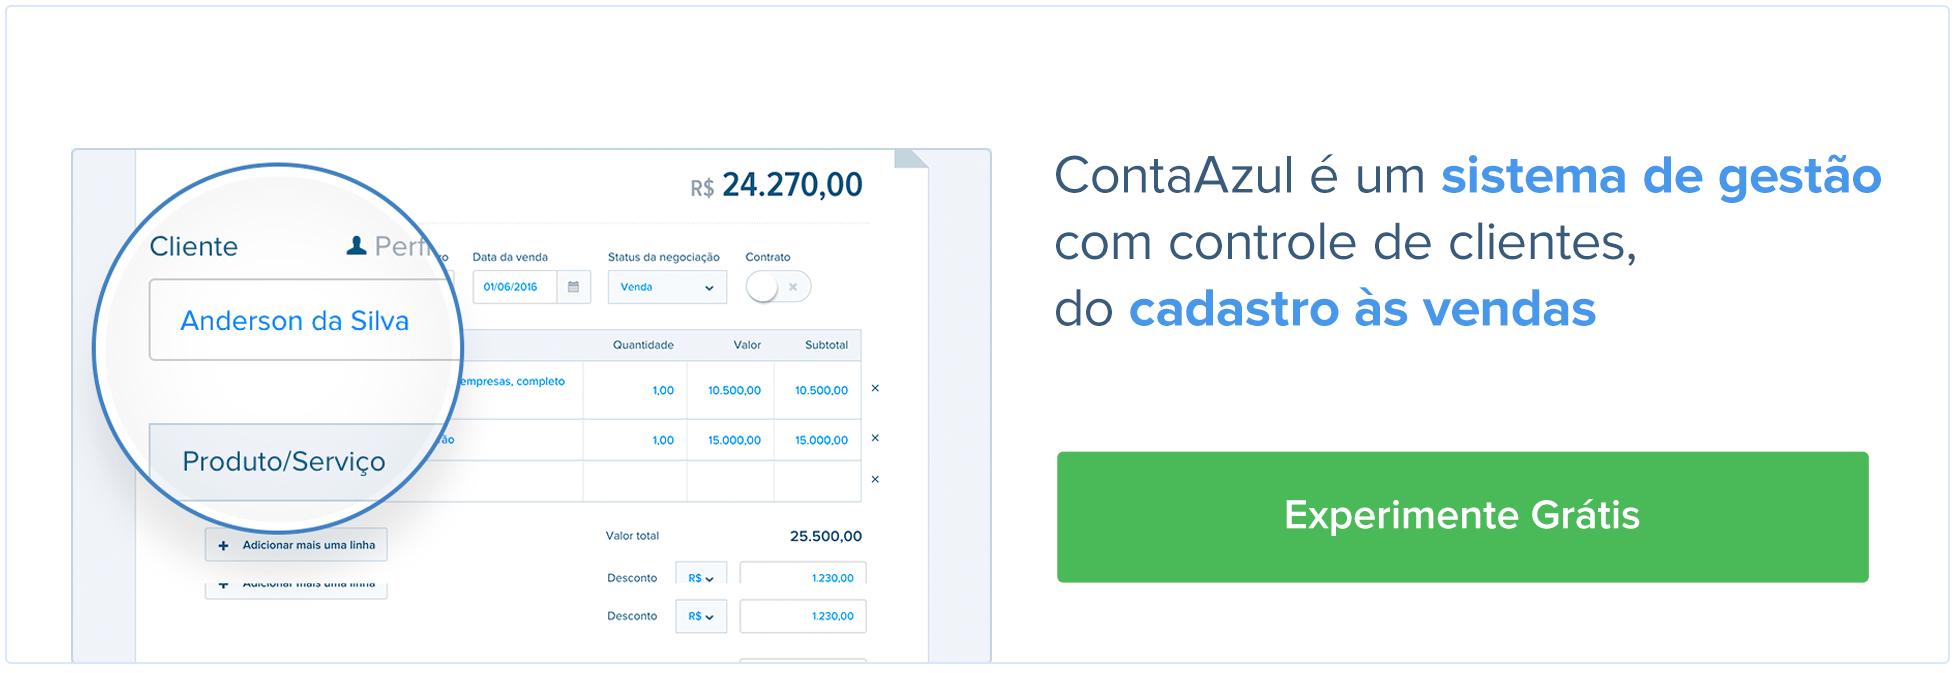 ContaAzul é um sistema de gestão com controle de clientes, do cadastro às vendas